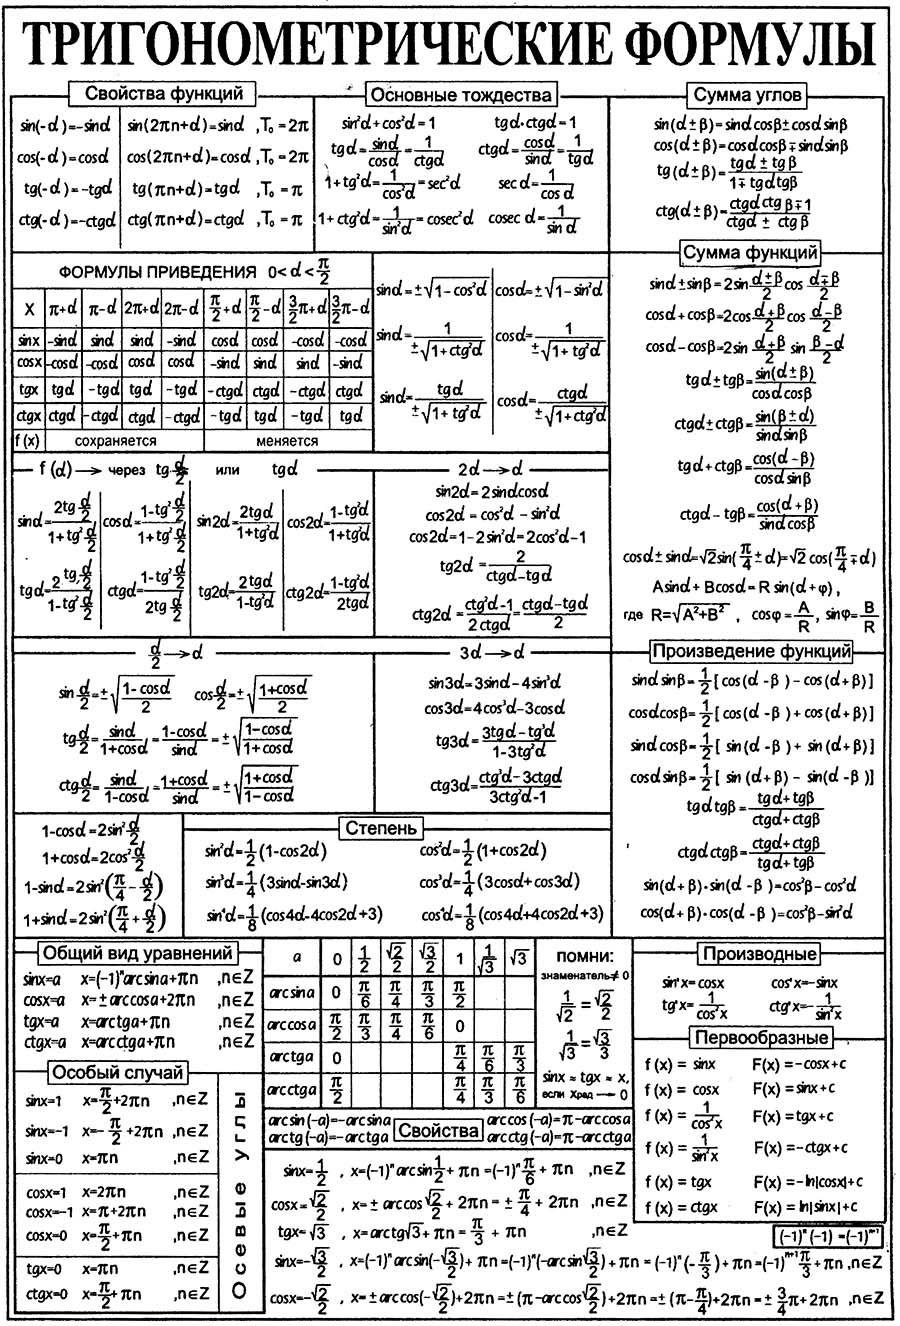 Тригонометрические функции | математика | fandom